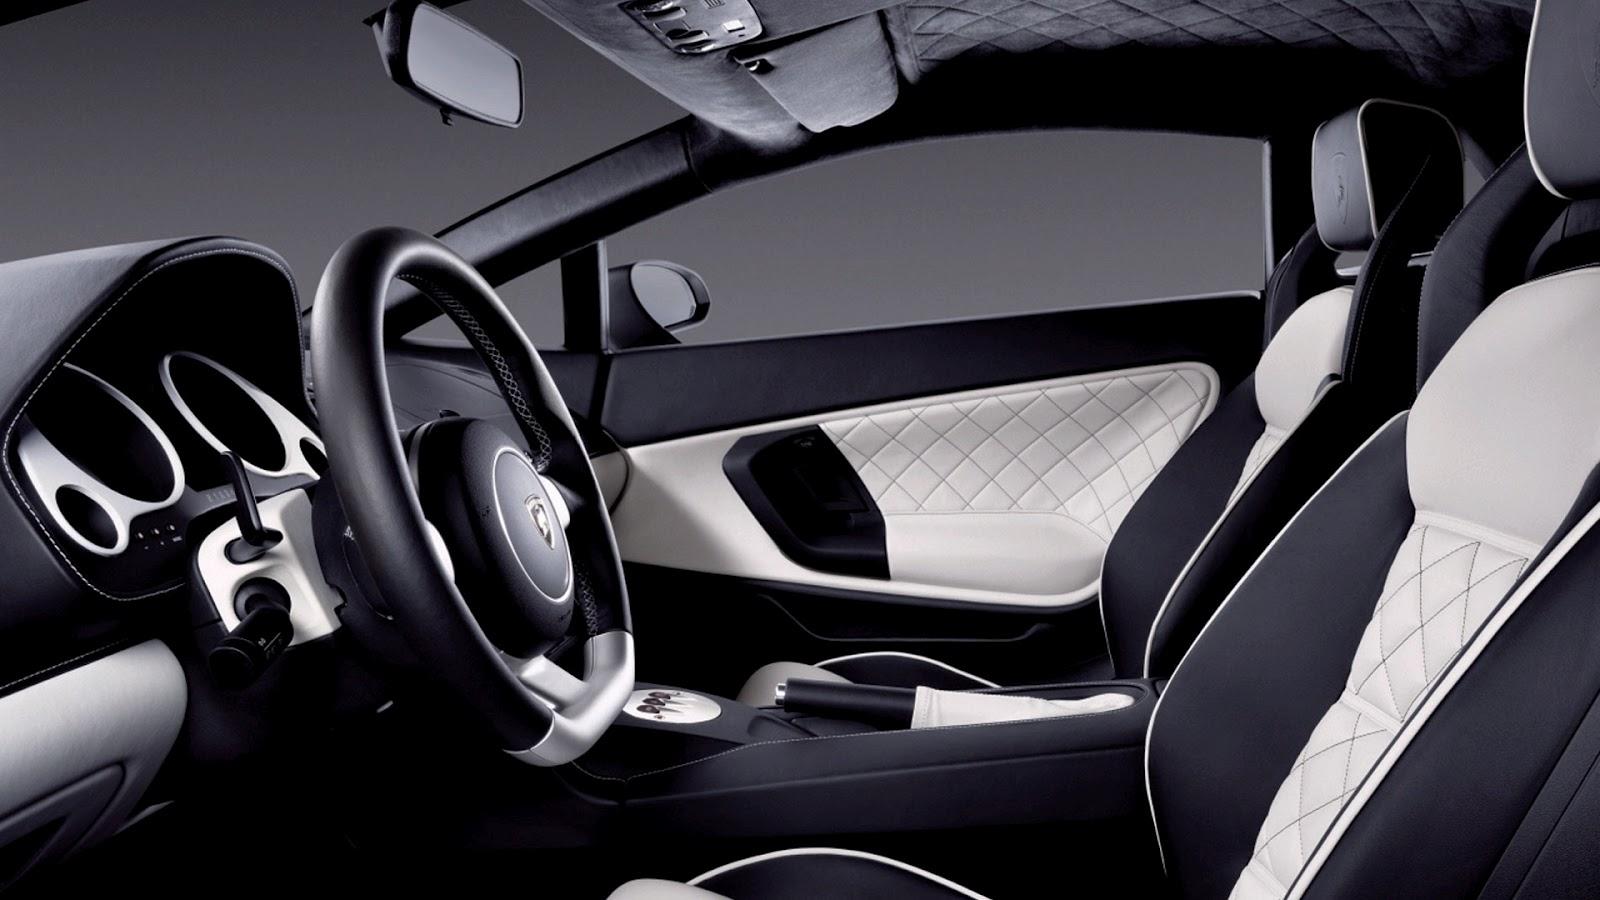 car interior pictures 36877